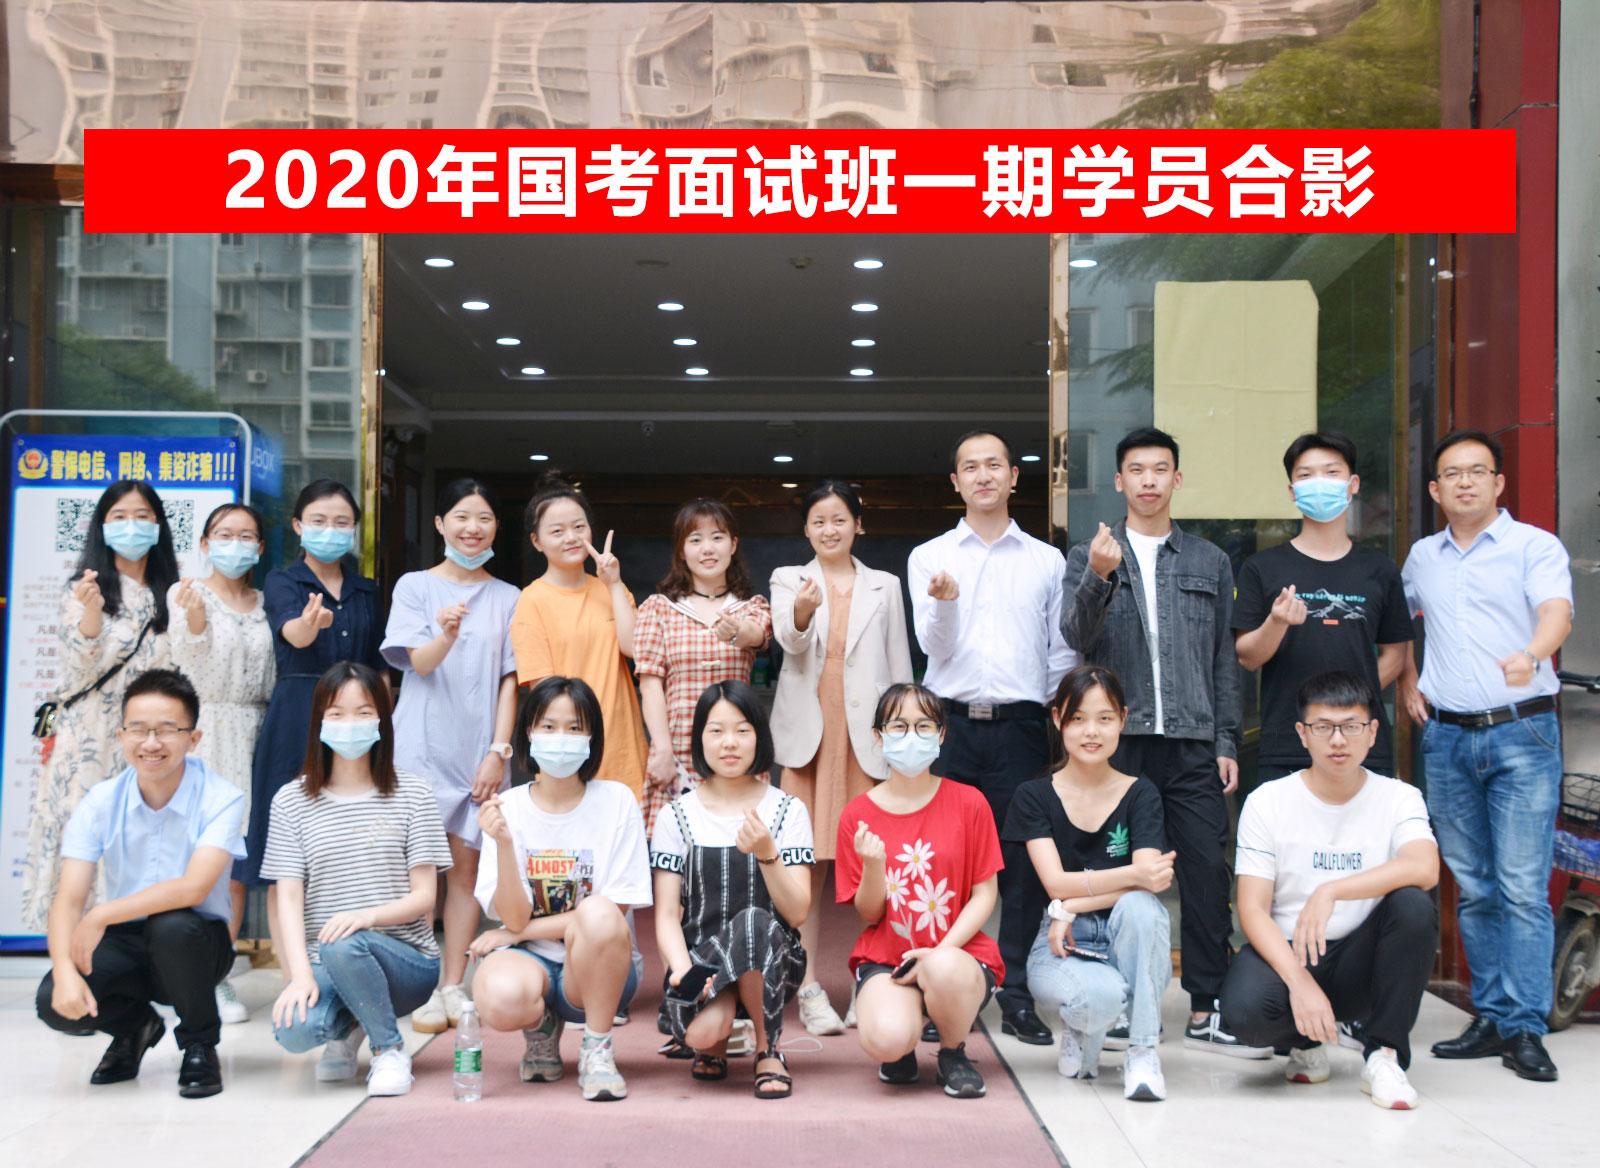 2020年国家公务员面试一期班合影